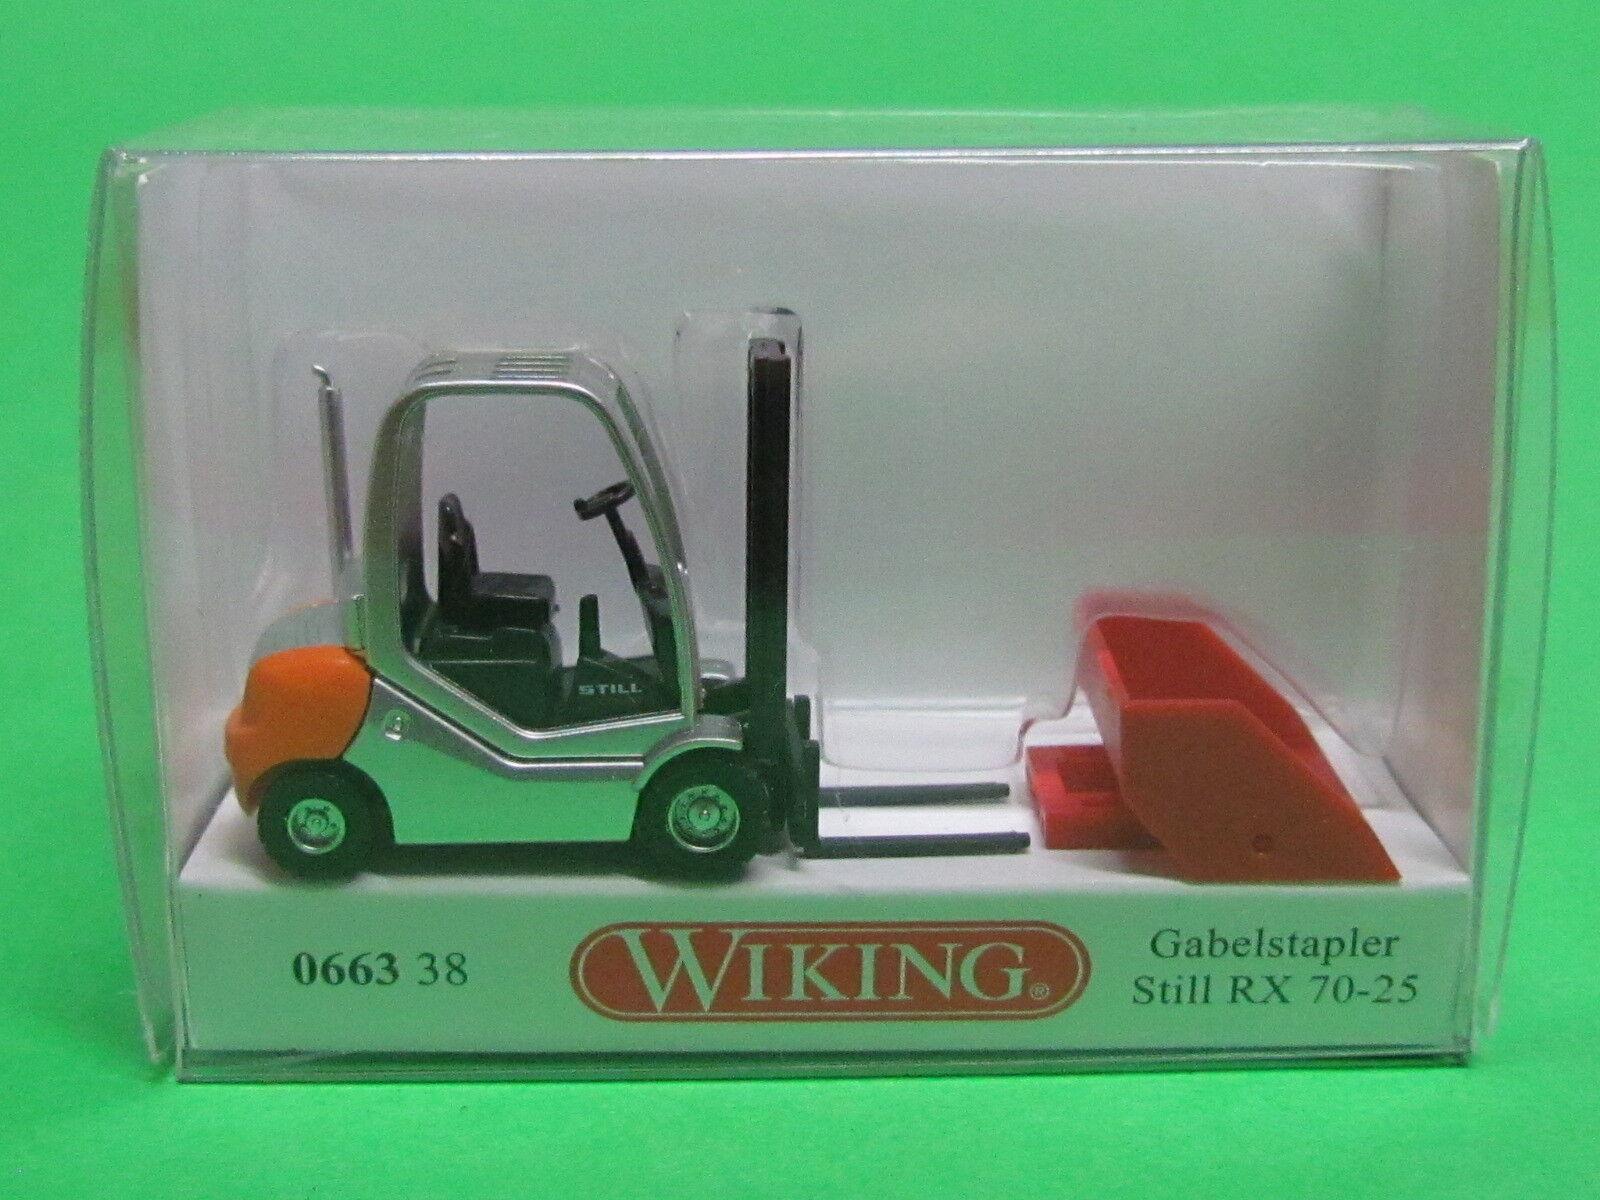 Wiking 066338 H0 Gabelstapler Still RX 70-25 mit Schaufel